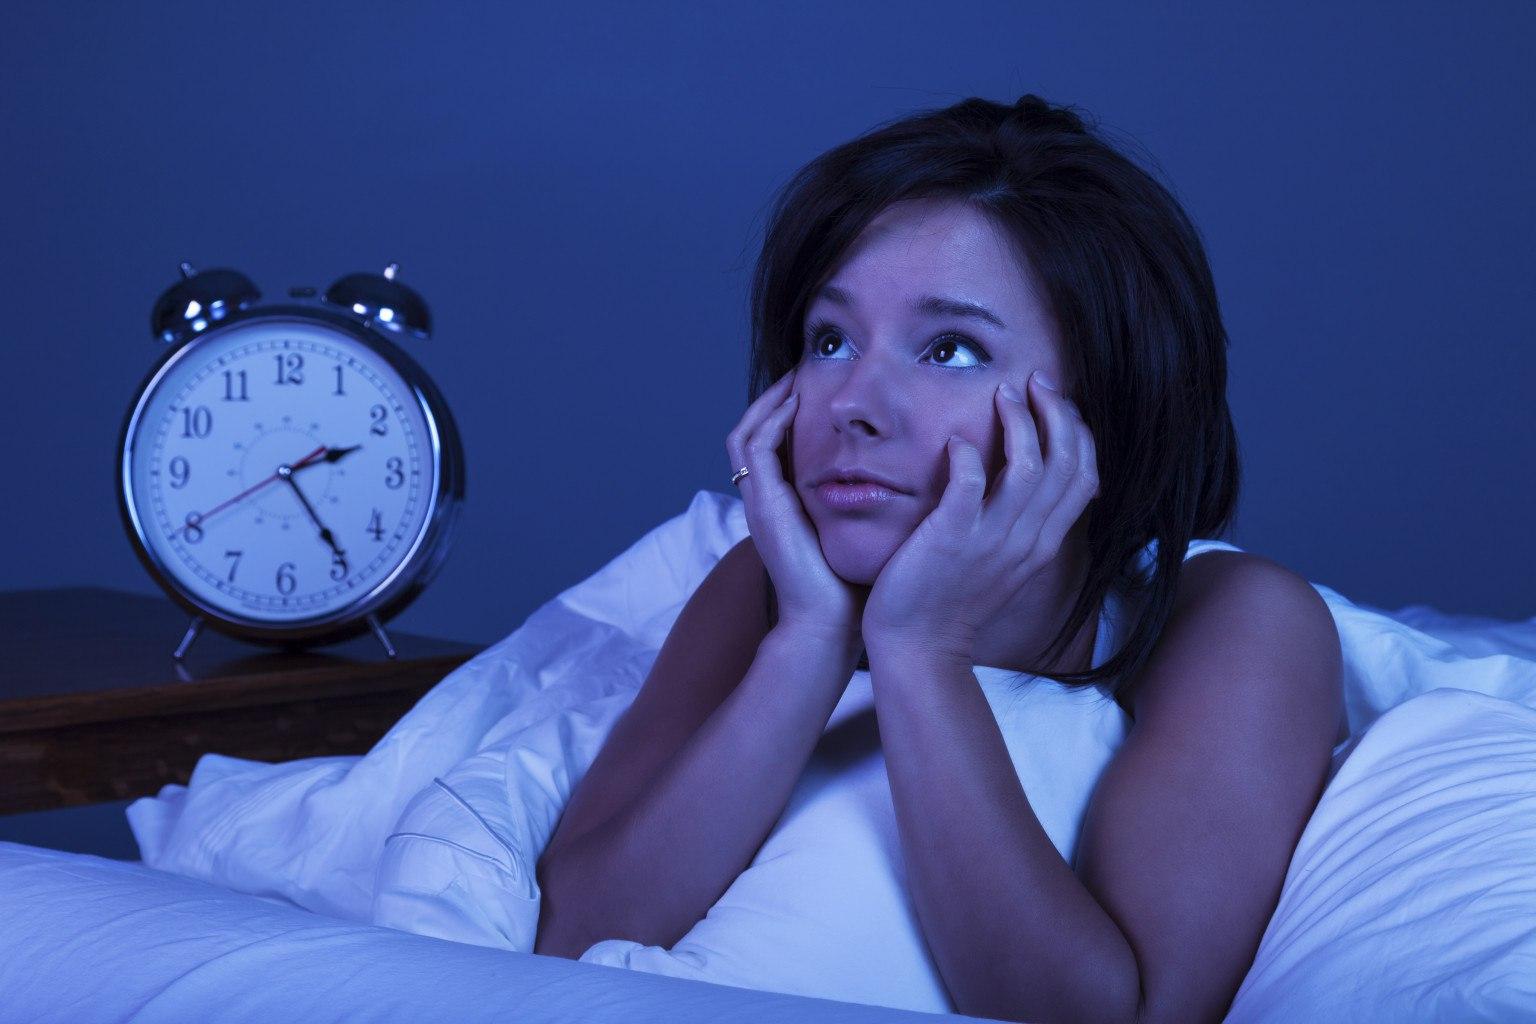 Какова связь между недостатком сна и проблемами со здоровьем?